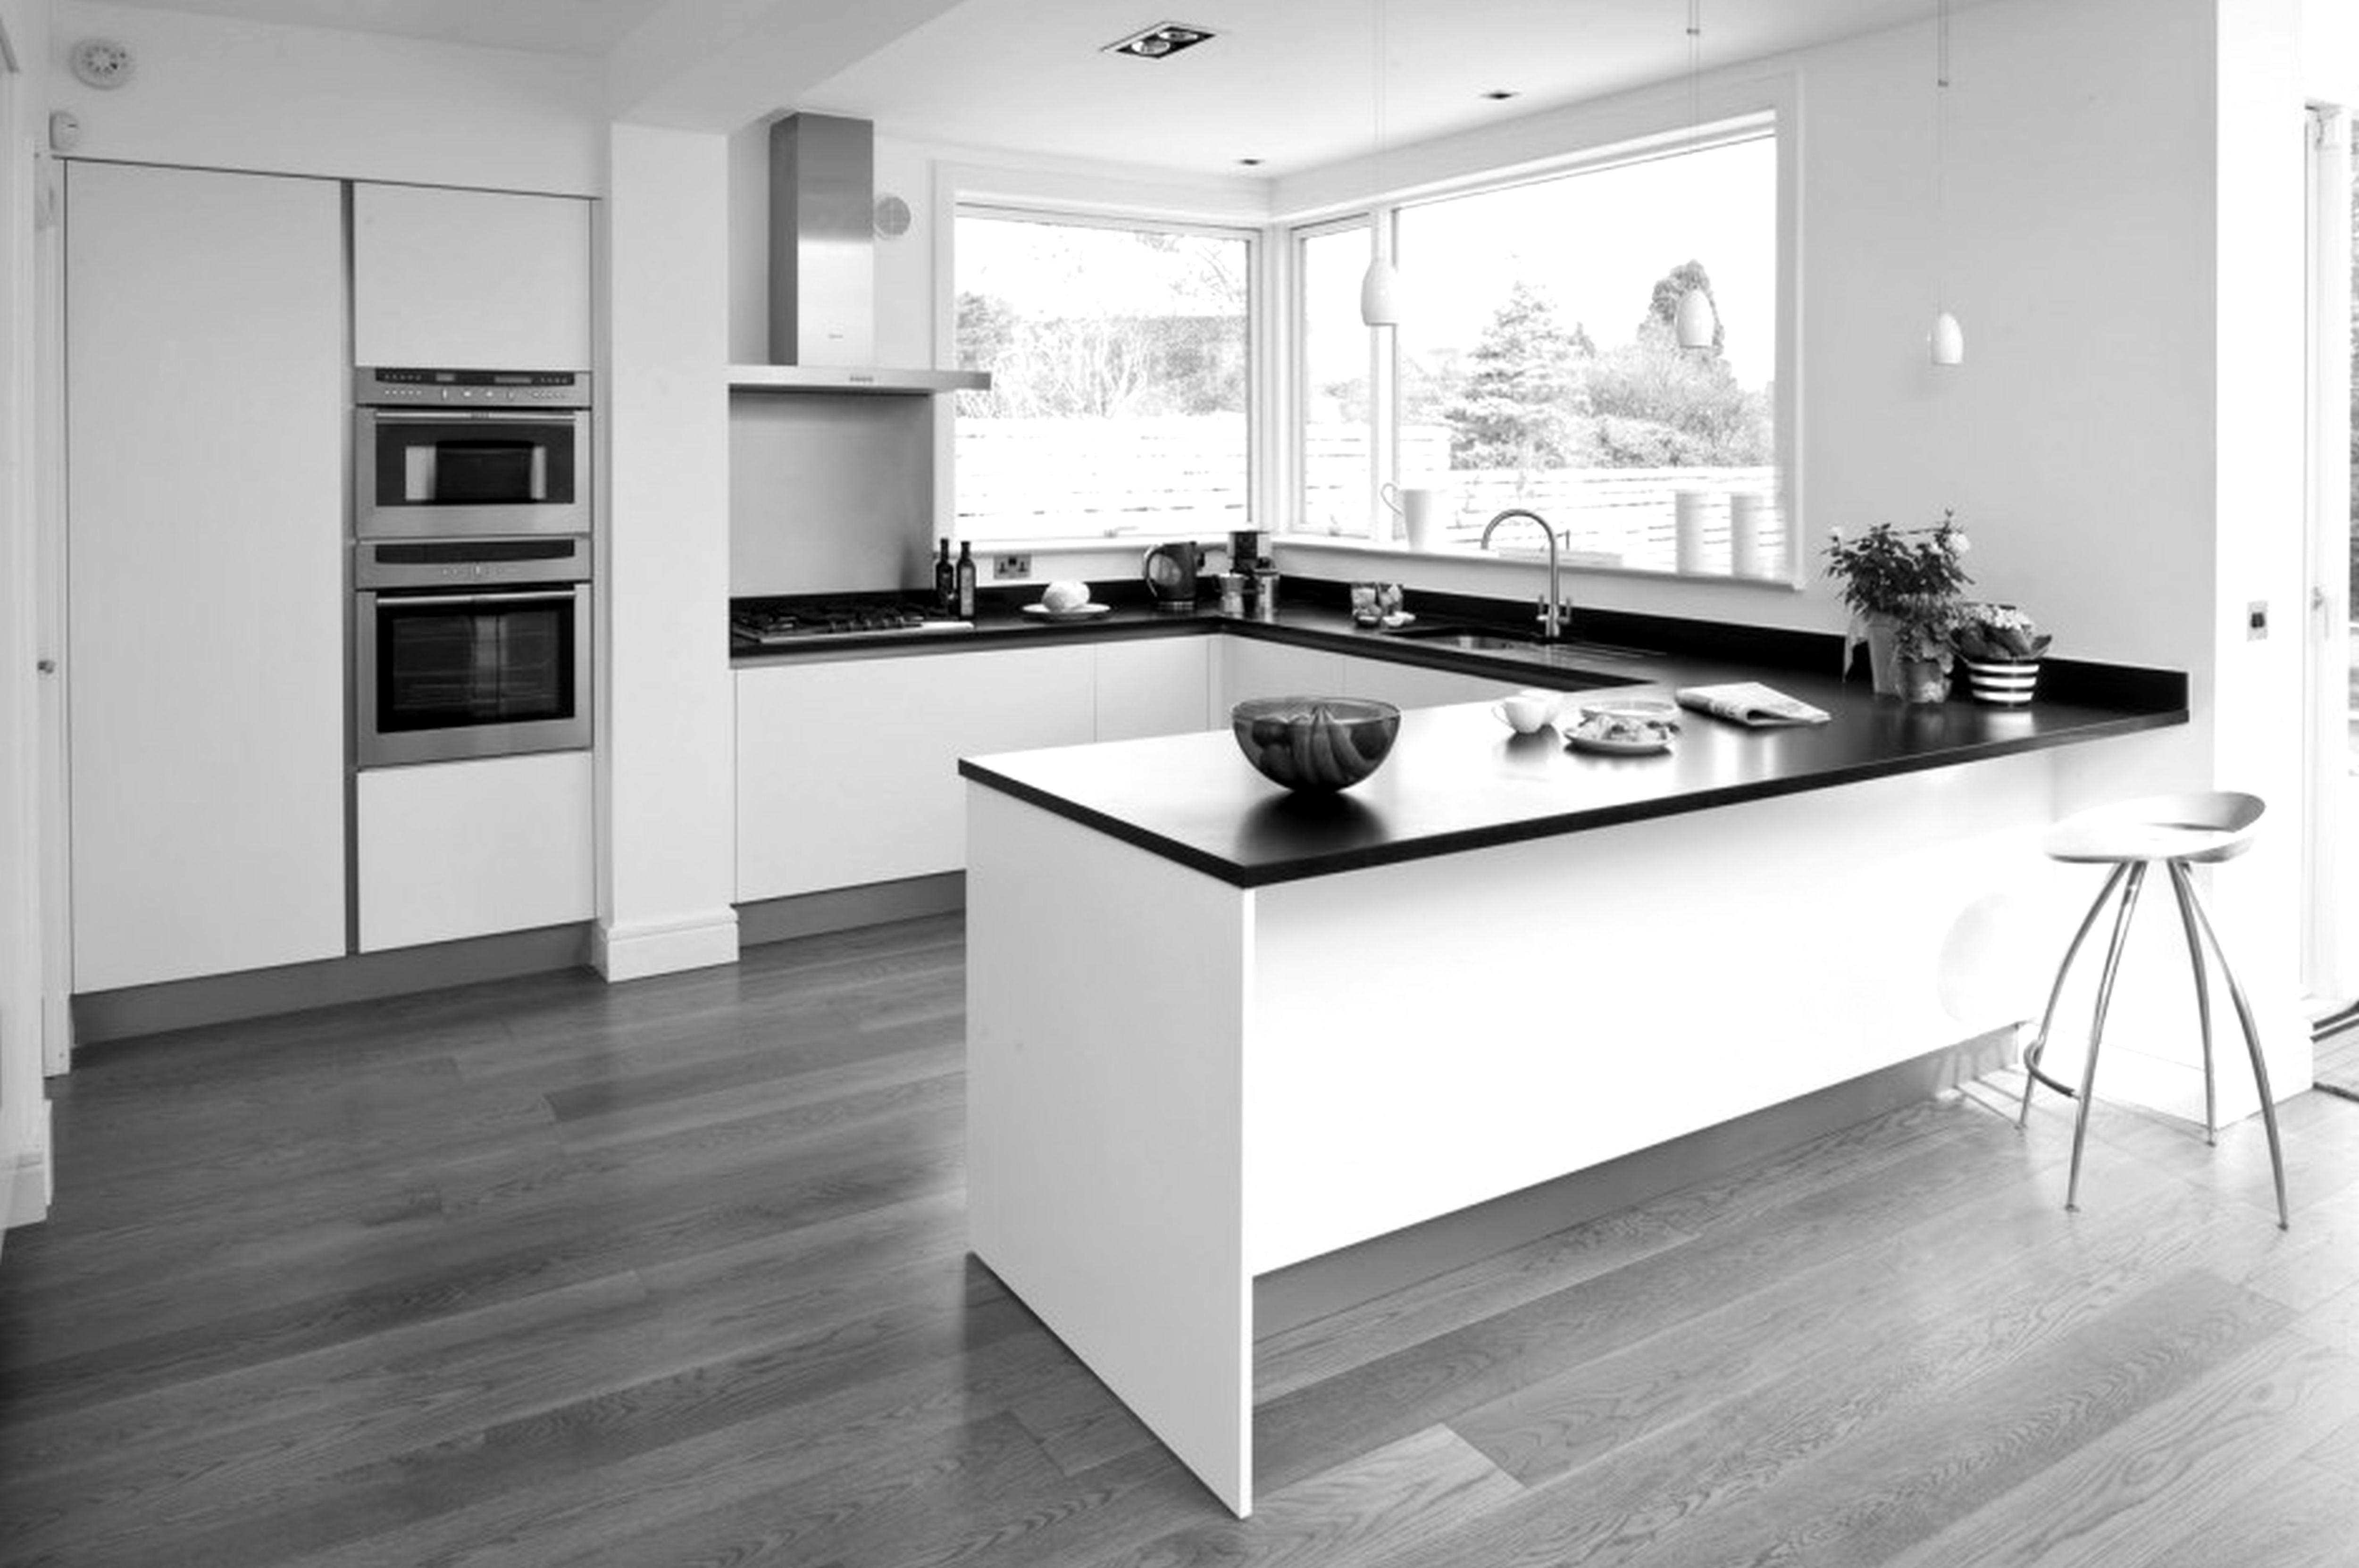 Beleuchtung ideen über kücheninsel bilder von küche böden  skulpturale beleuchtung und lampions